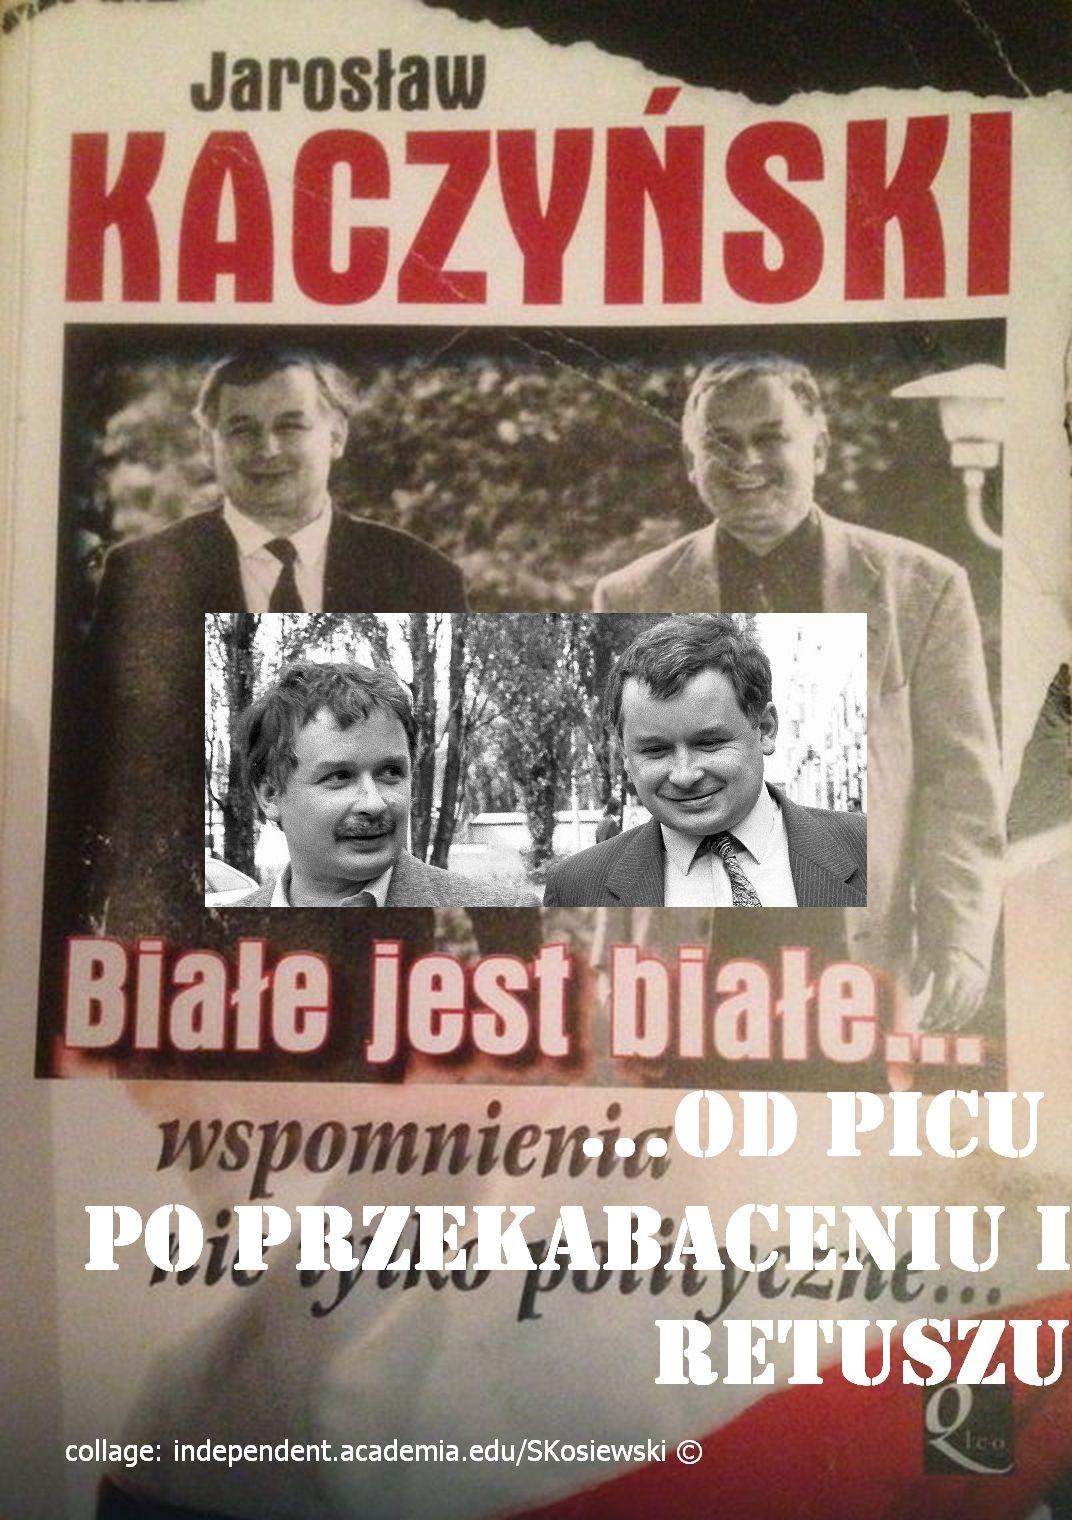 Kaczyńscy mieli dublerów Jarosław ujawnia na okładce w